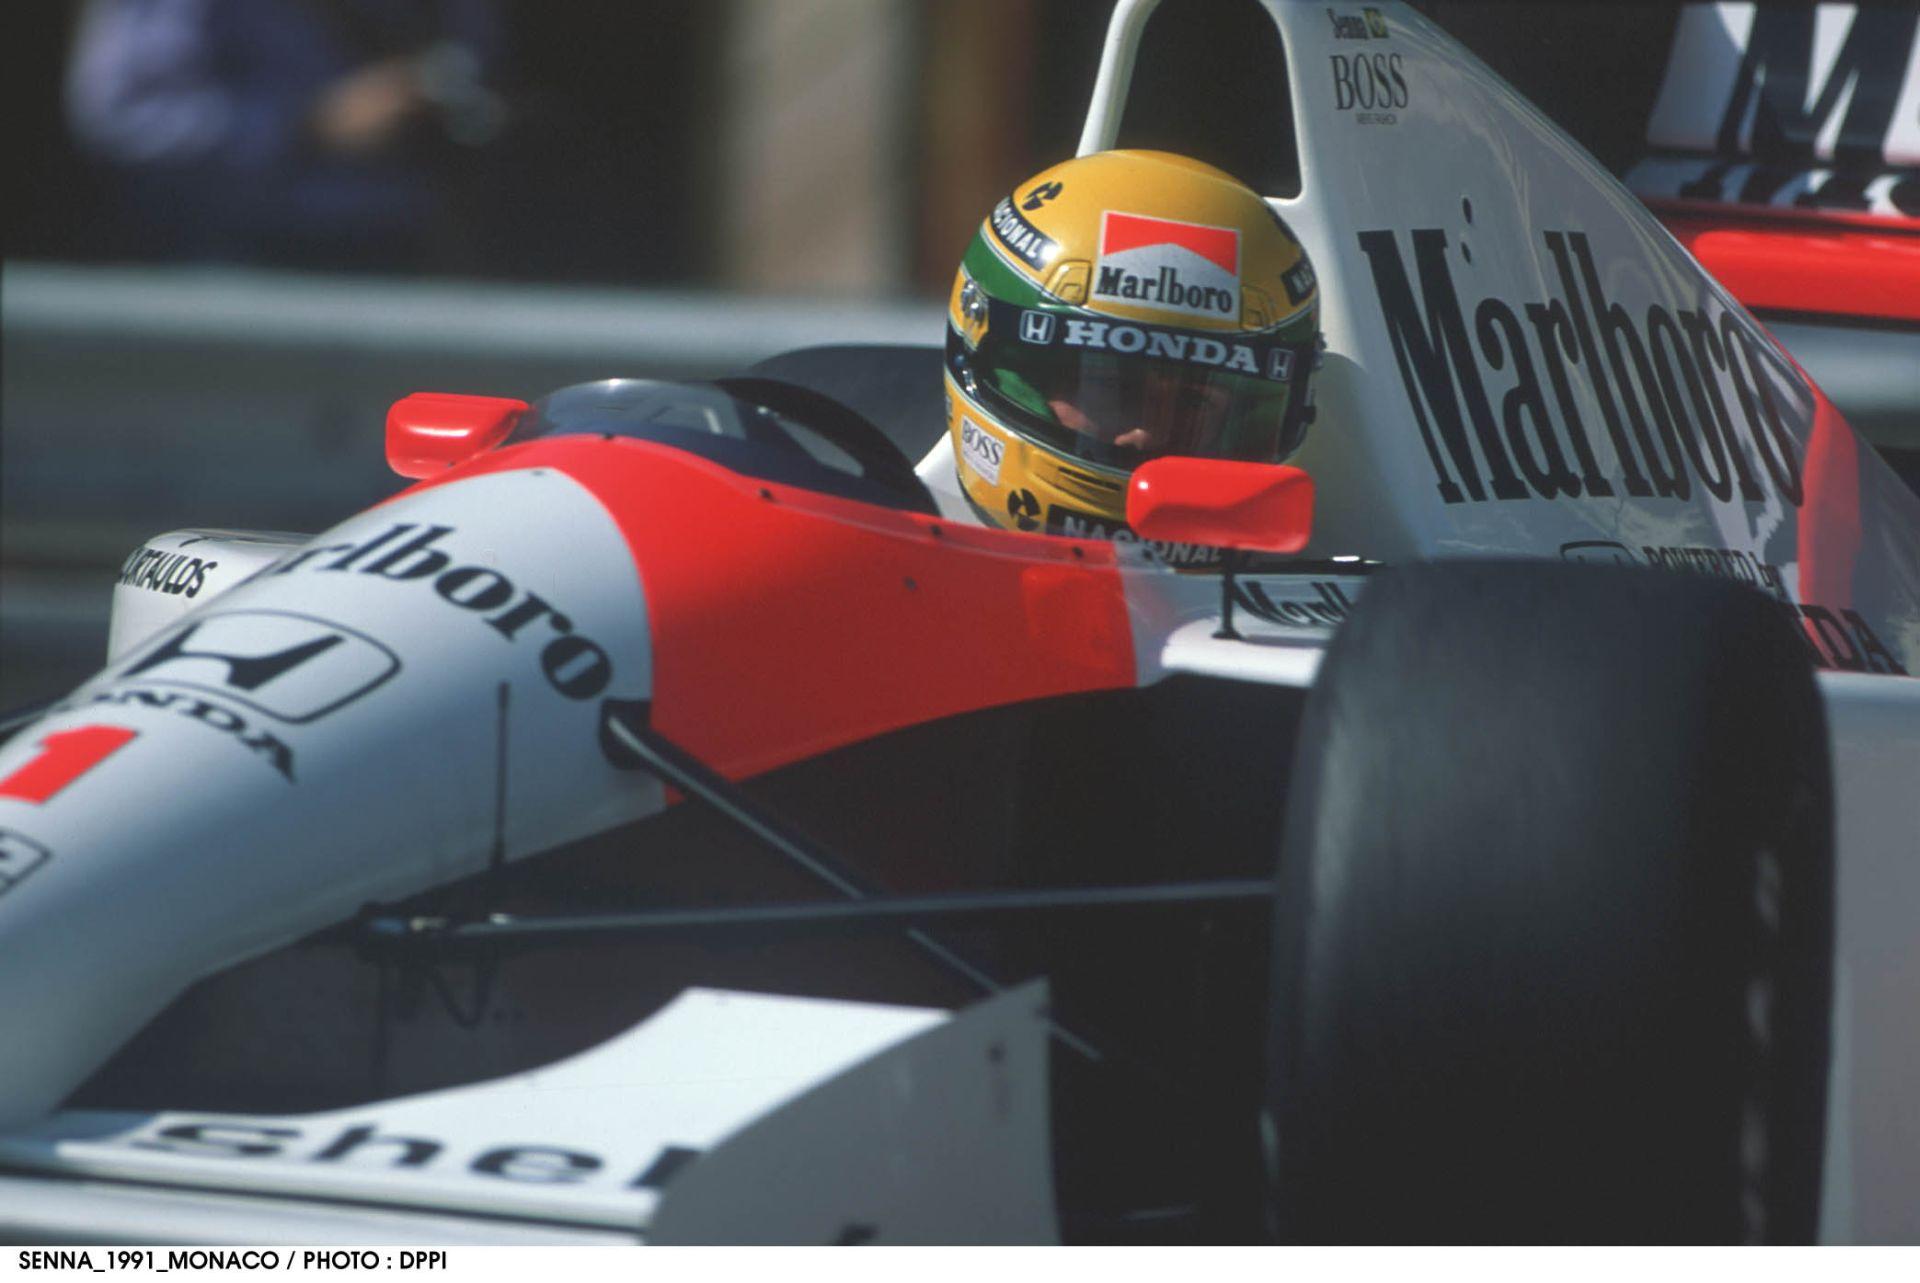 Így kell közvetíteni a Forma-1-et: Senna rajtelsősége 1991-ből Interlagosban